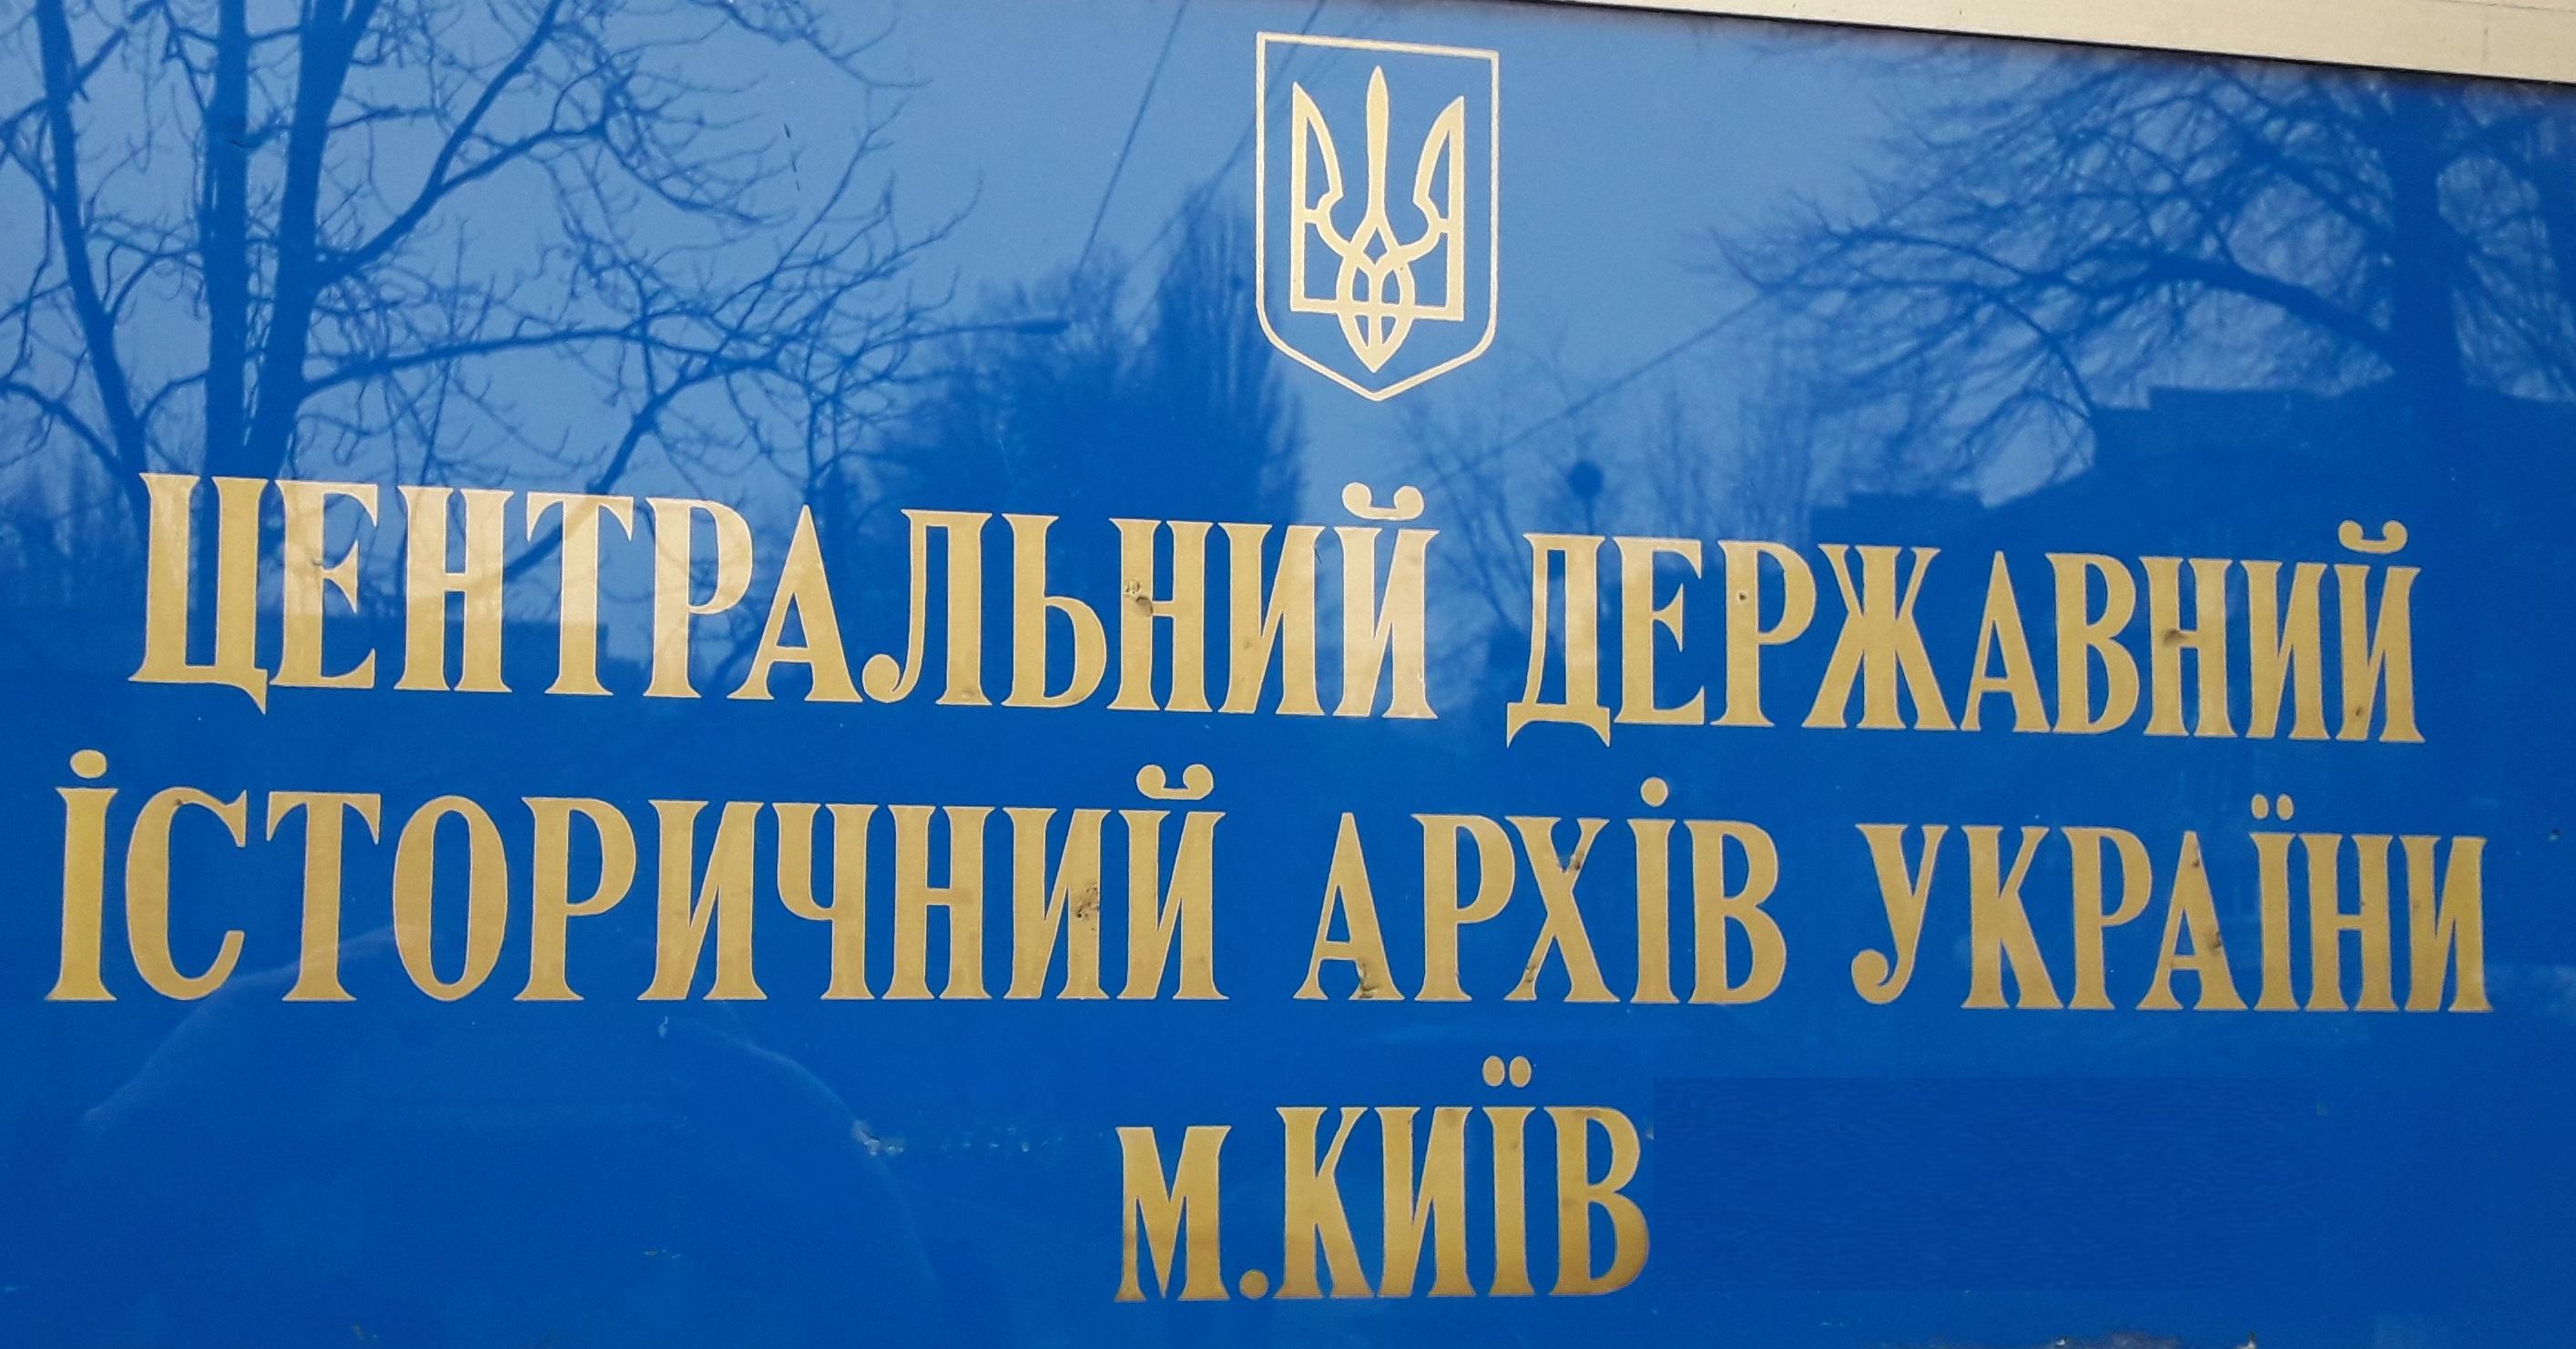 Киев, Украина, Центральный архив